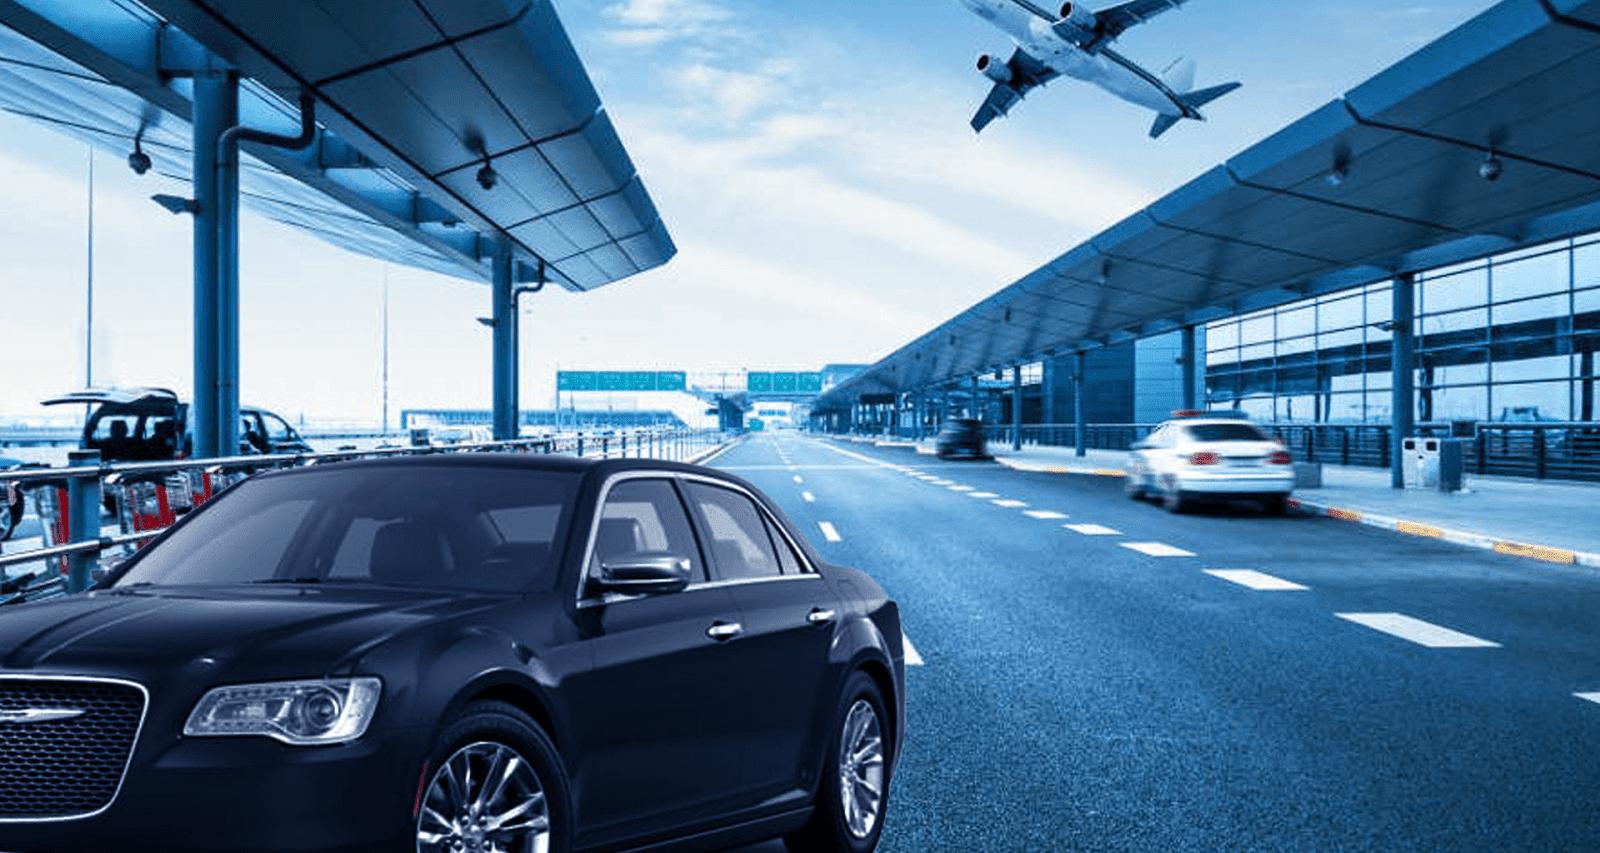 Melbourne Airport Car Hire